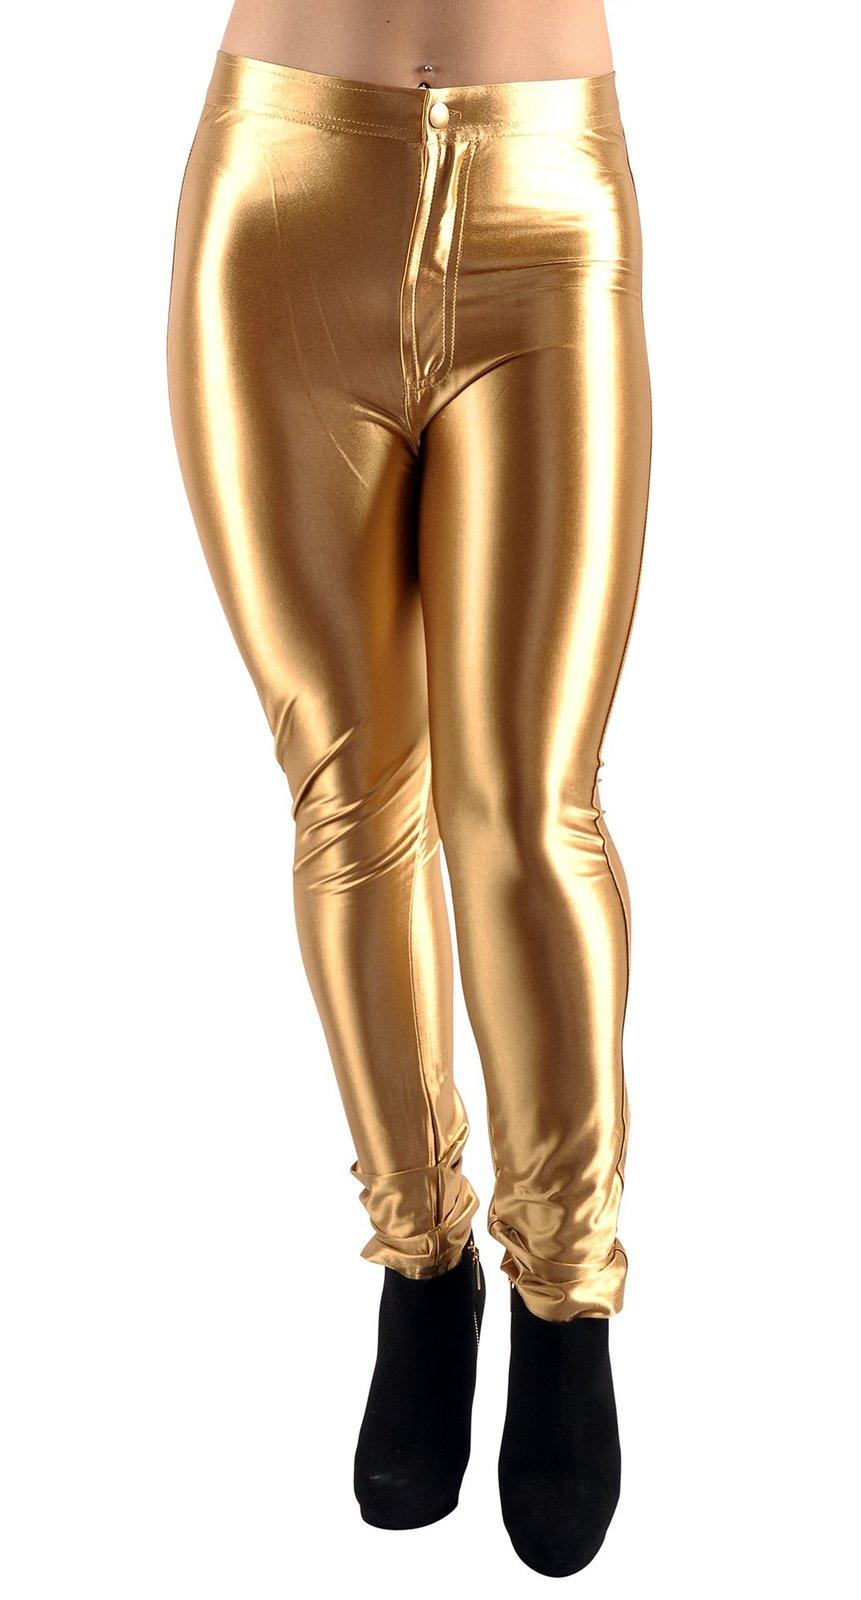 BadAssLeggings Women's Shiny Disco Pants Large Gold